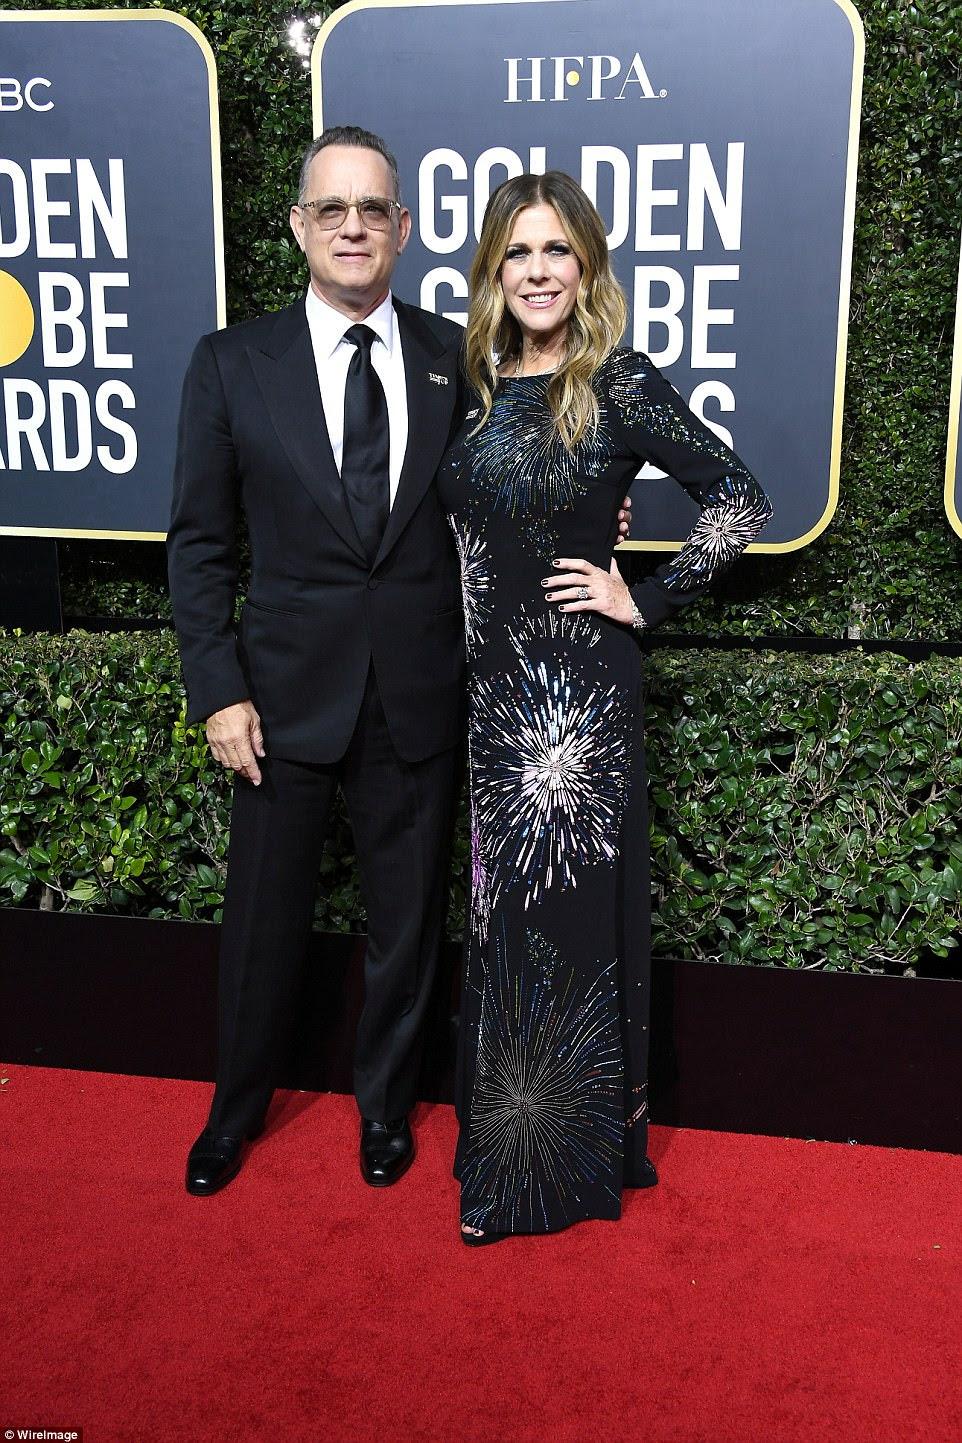 Então, apaixonado: Tom Hanks pareceu bem em seu terno enquanto sua encantadora esposa, Rita Wilson, escolheu um número inspirado no fogo-de-artifício